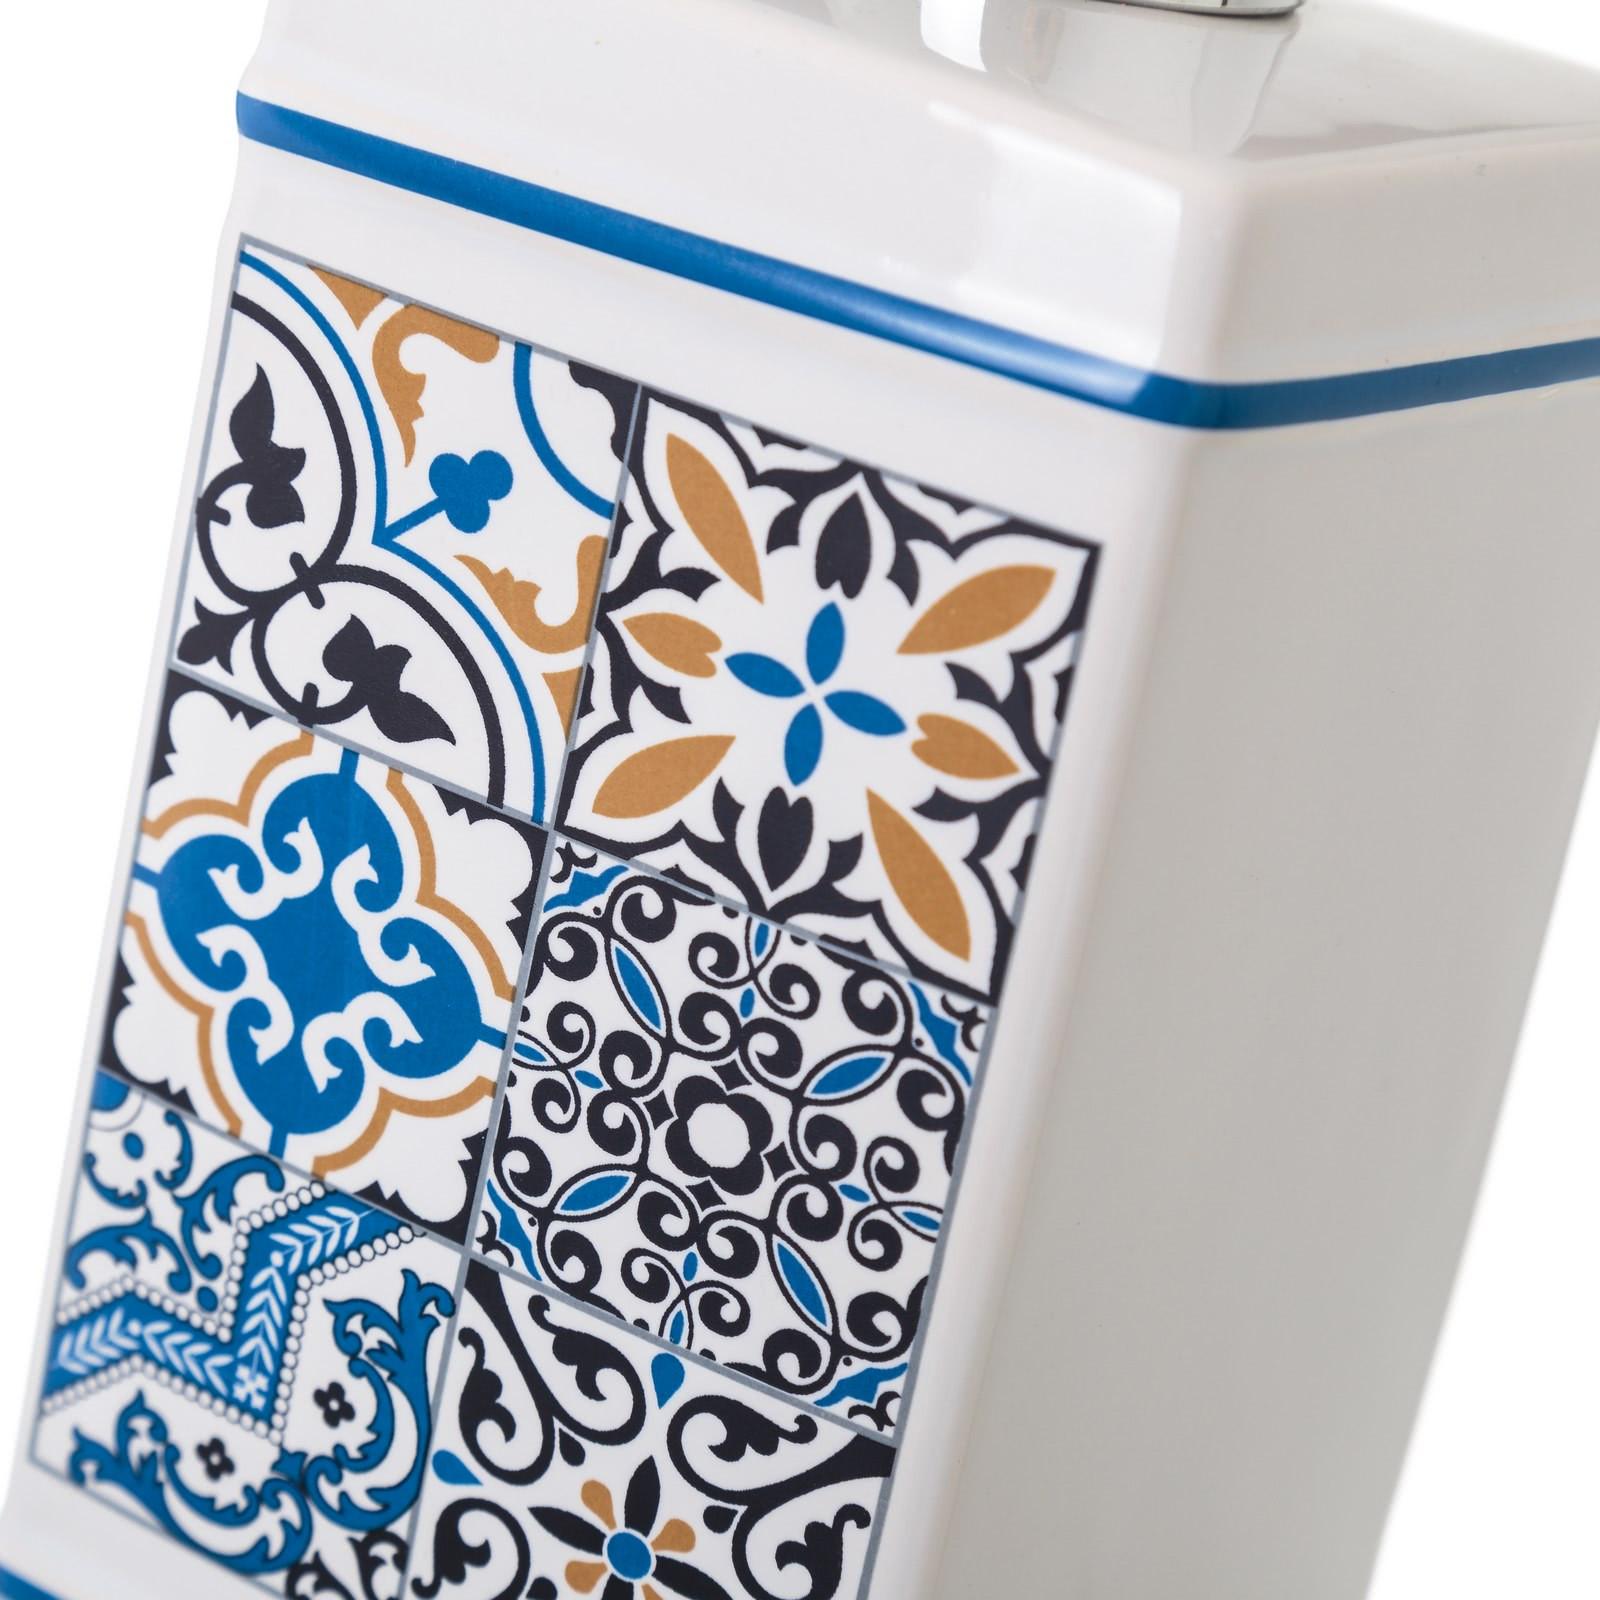 Accesorios de baño árabes azules de cerámica para cuarto ...